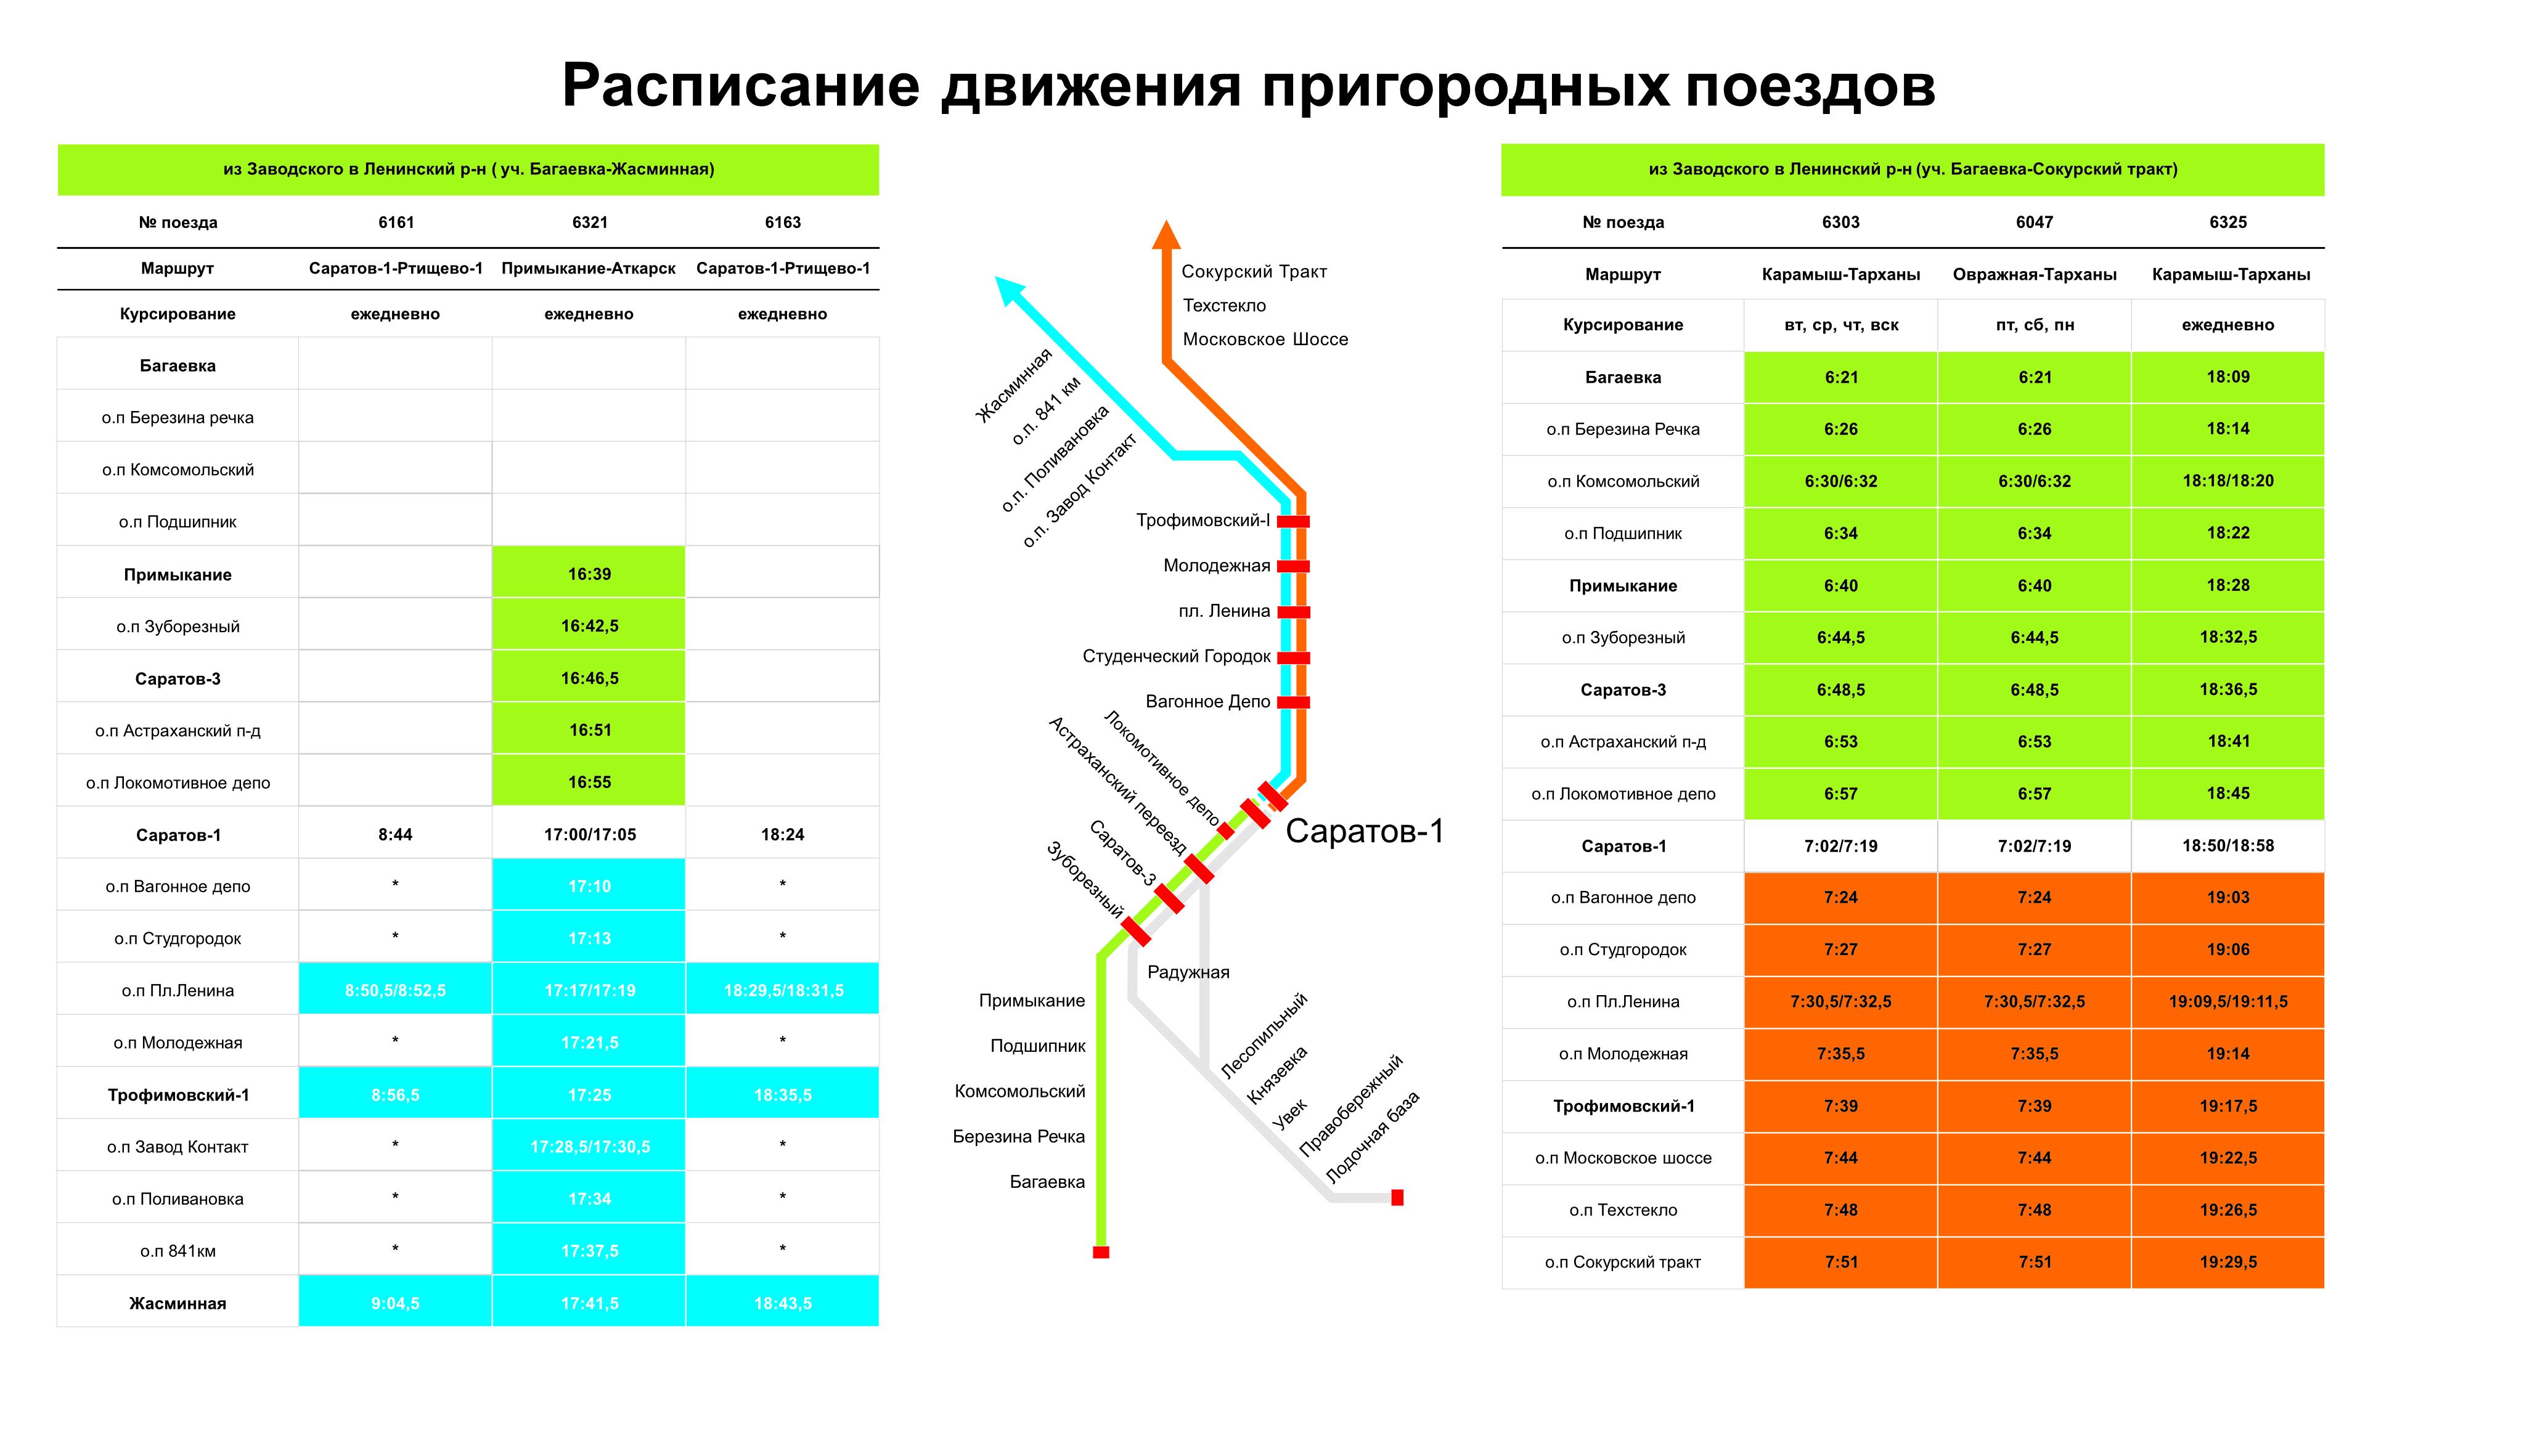 shemadvsaratov 4 1 - Схема движения пригородных поездов в черте г.Саратов